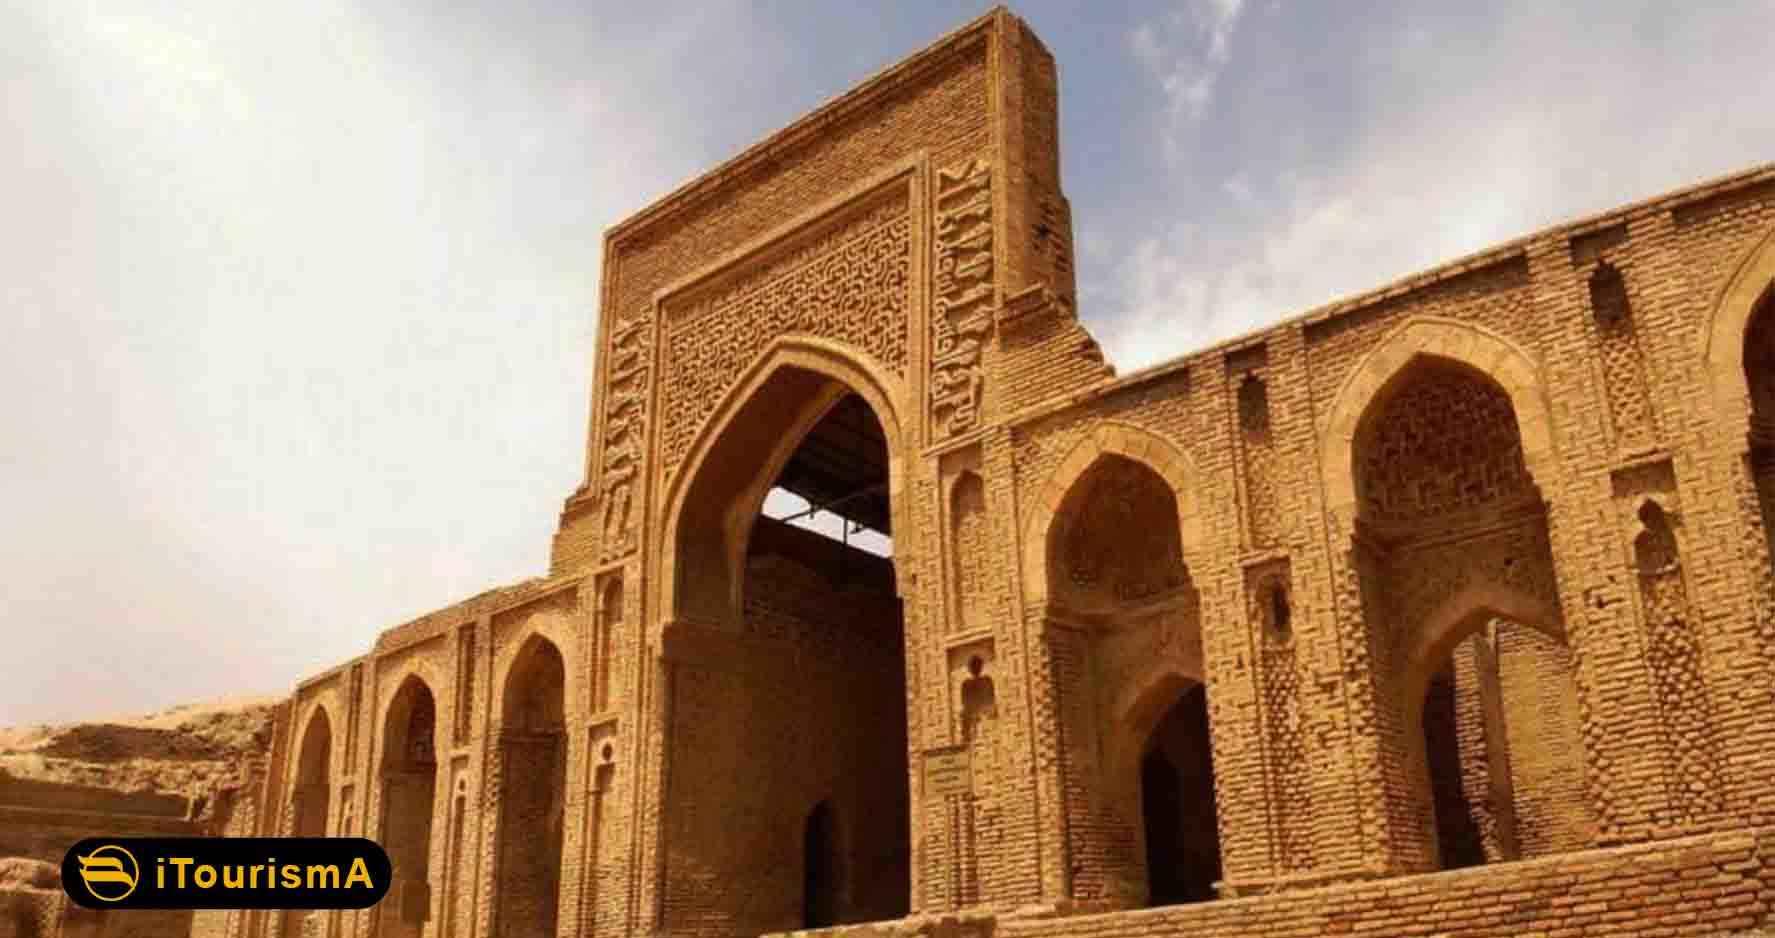 رباط شرف یک بنای تاریخی از دوره سلجوقیان است که به سبک معماری رازی در سرخس